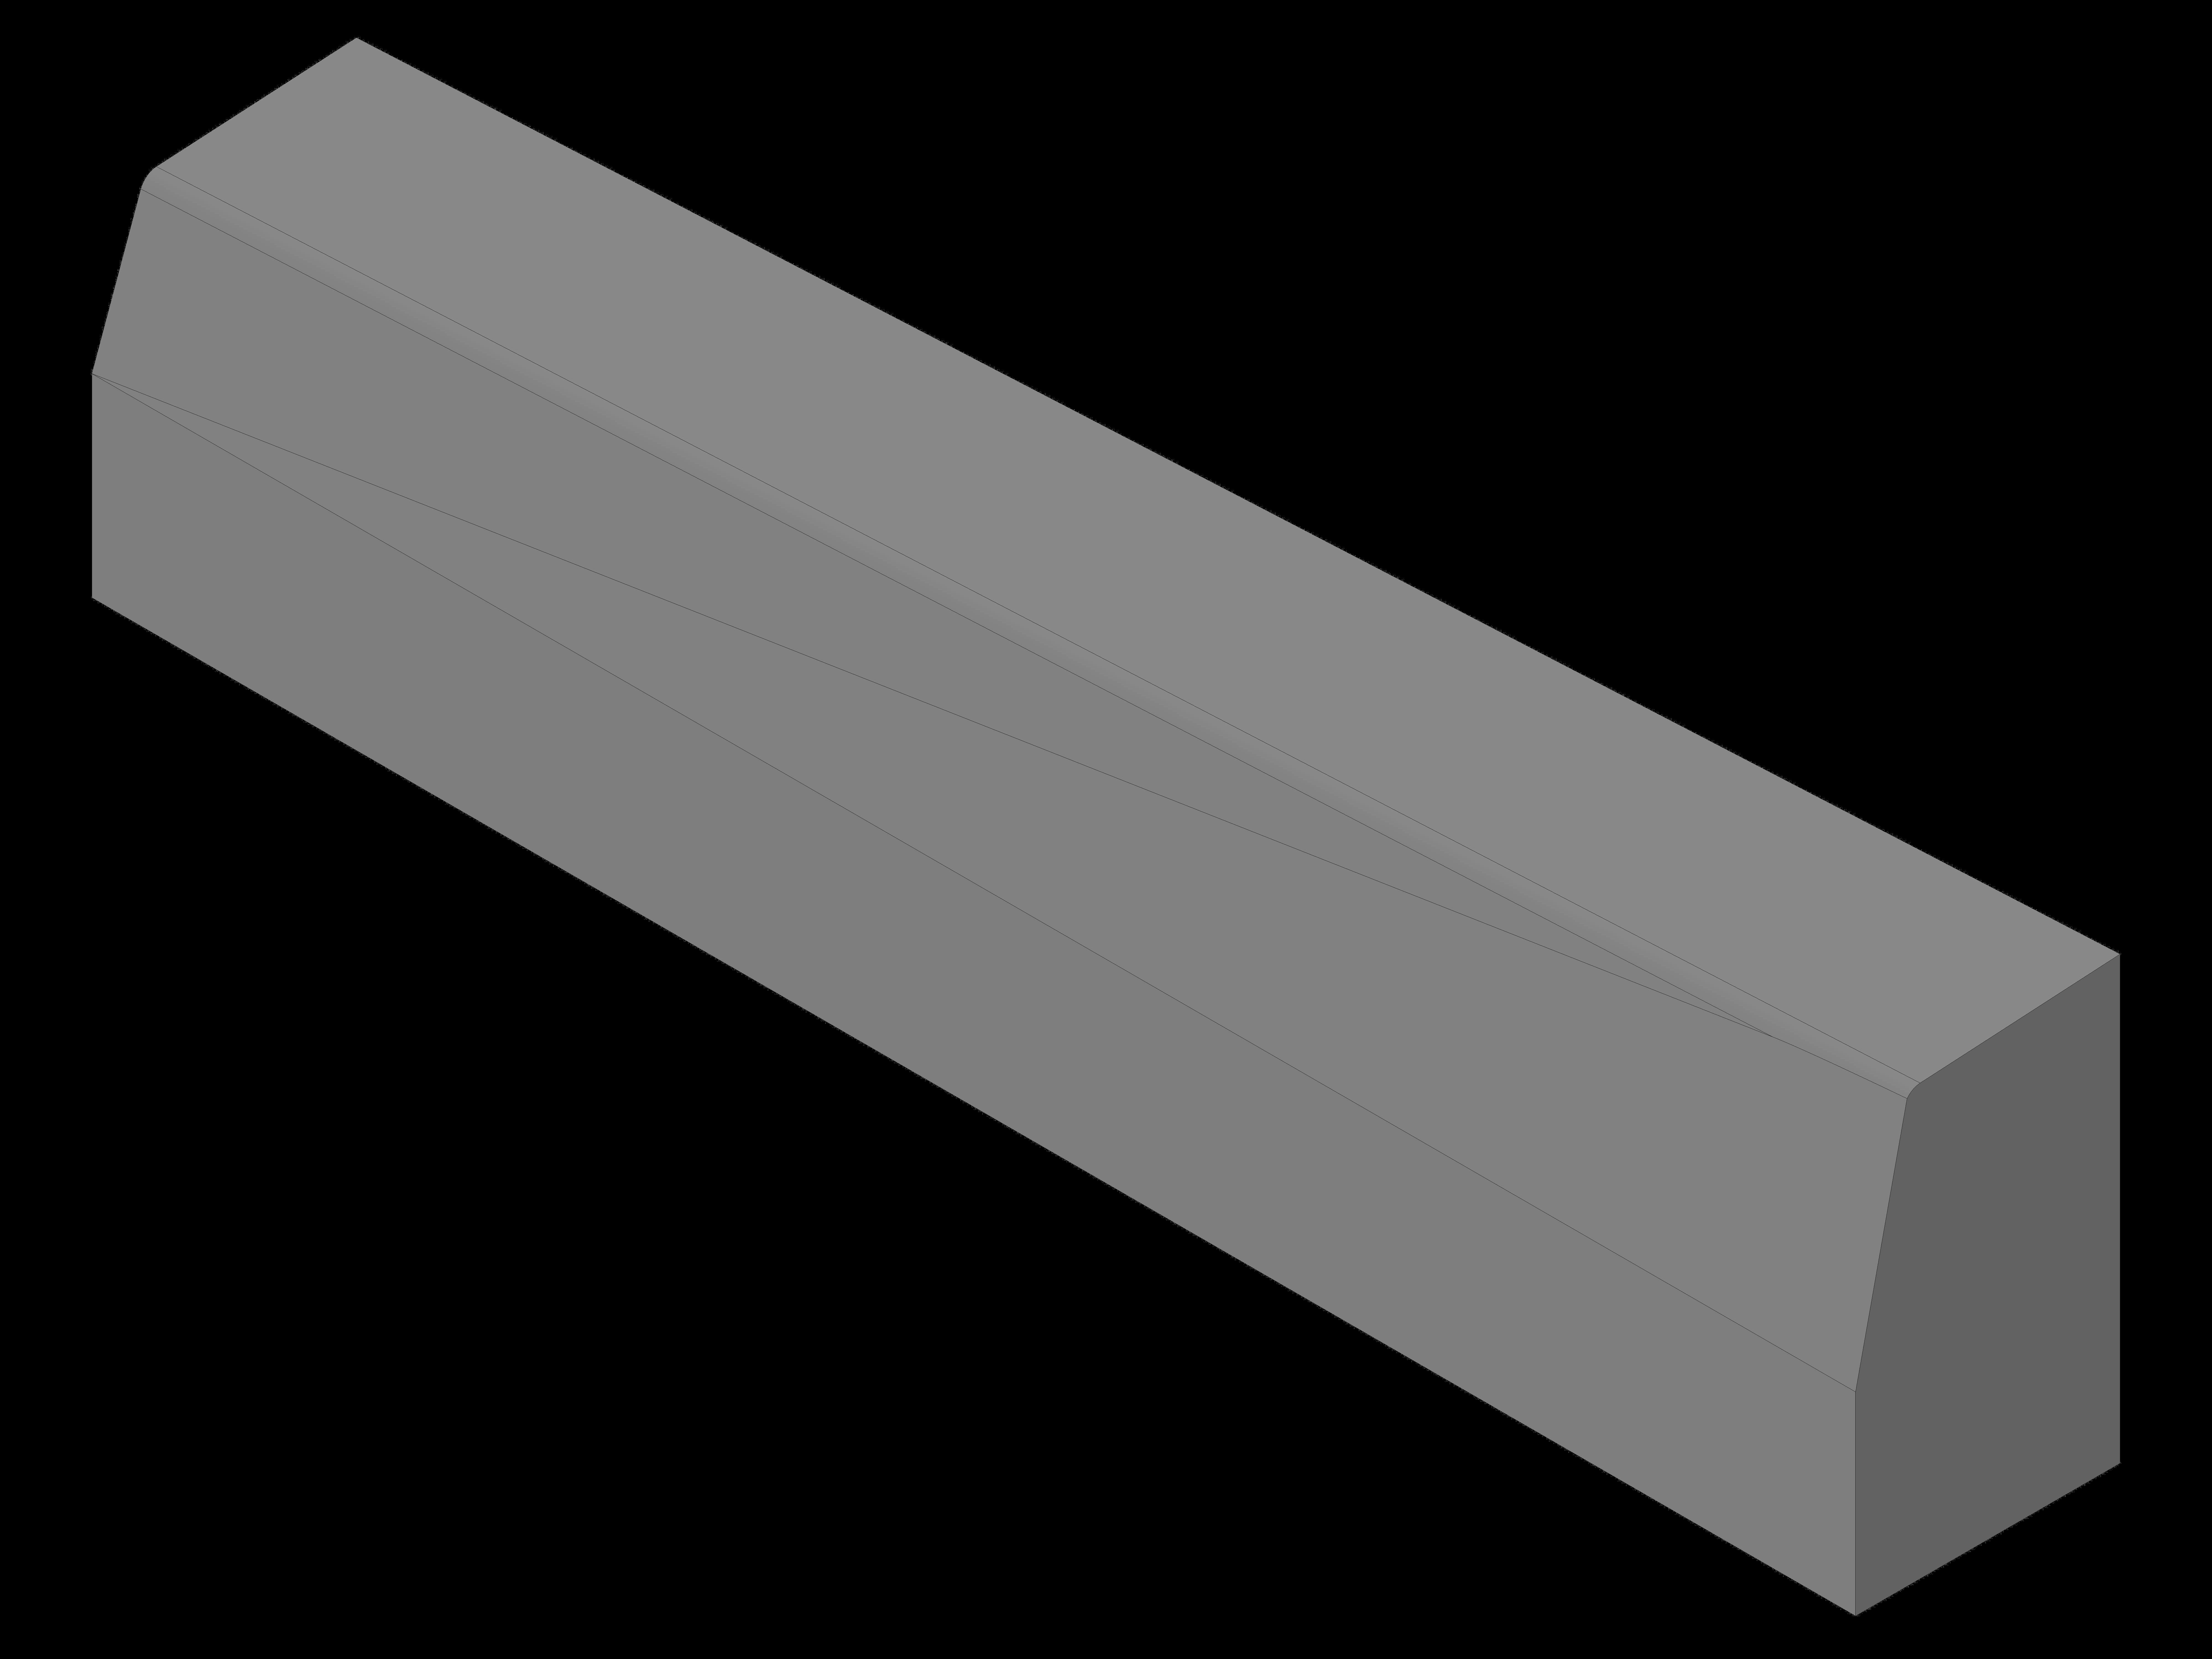 bordure-a2-t2